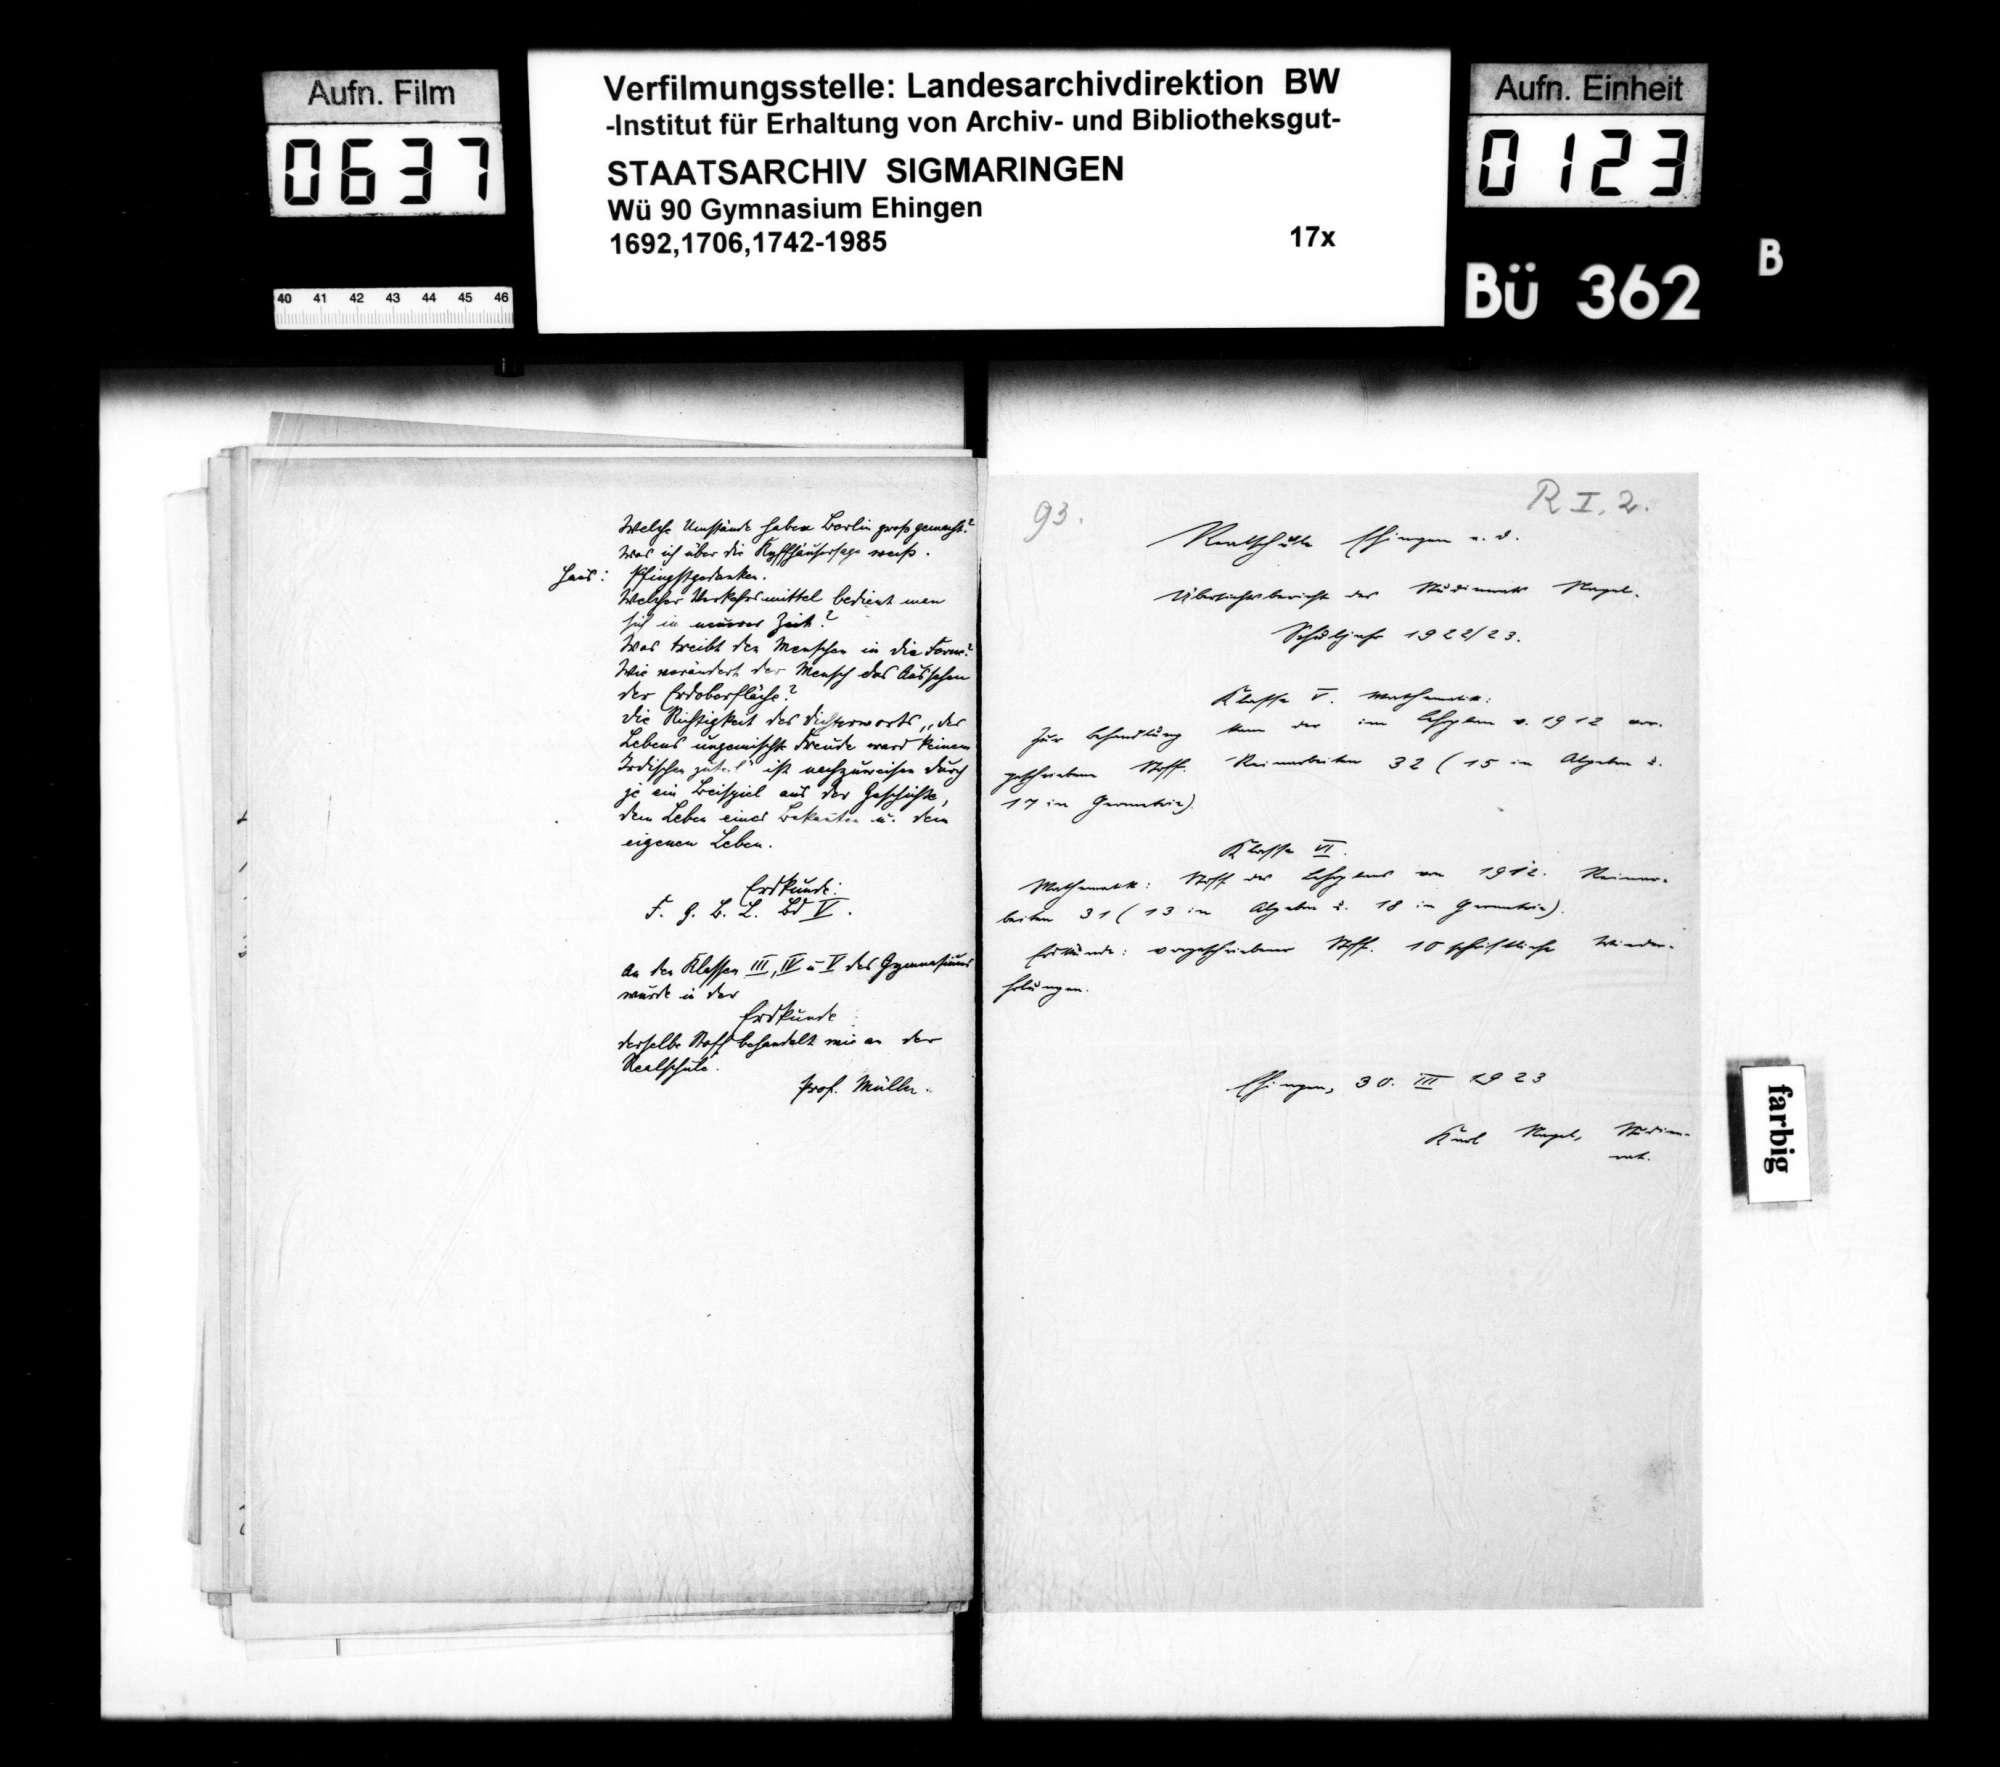 Rechenschaftsberichte und Visitationen, Allgemeines und Einzelfälle, Bild 122